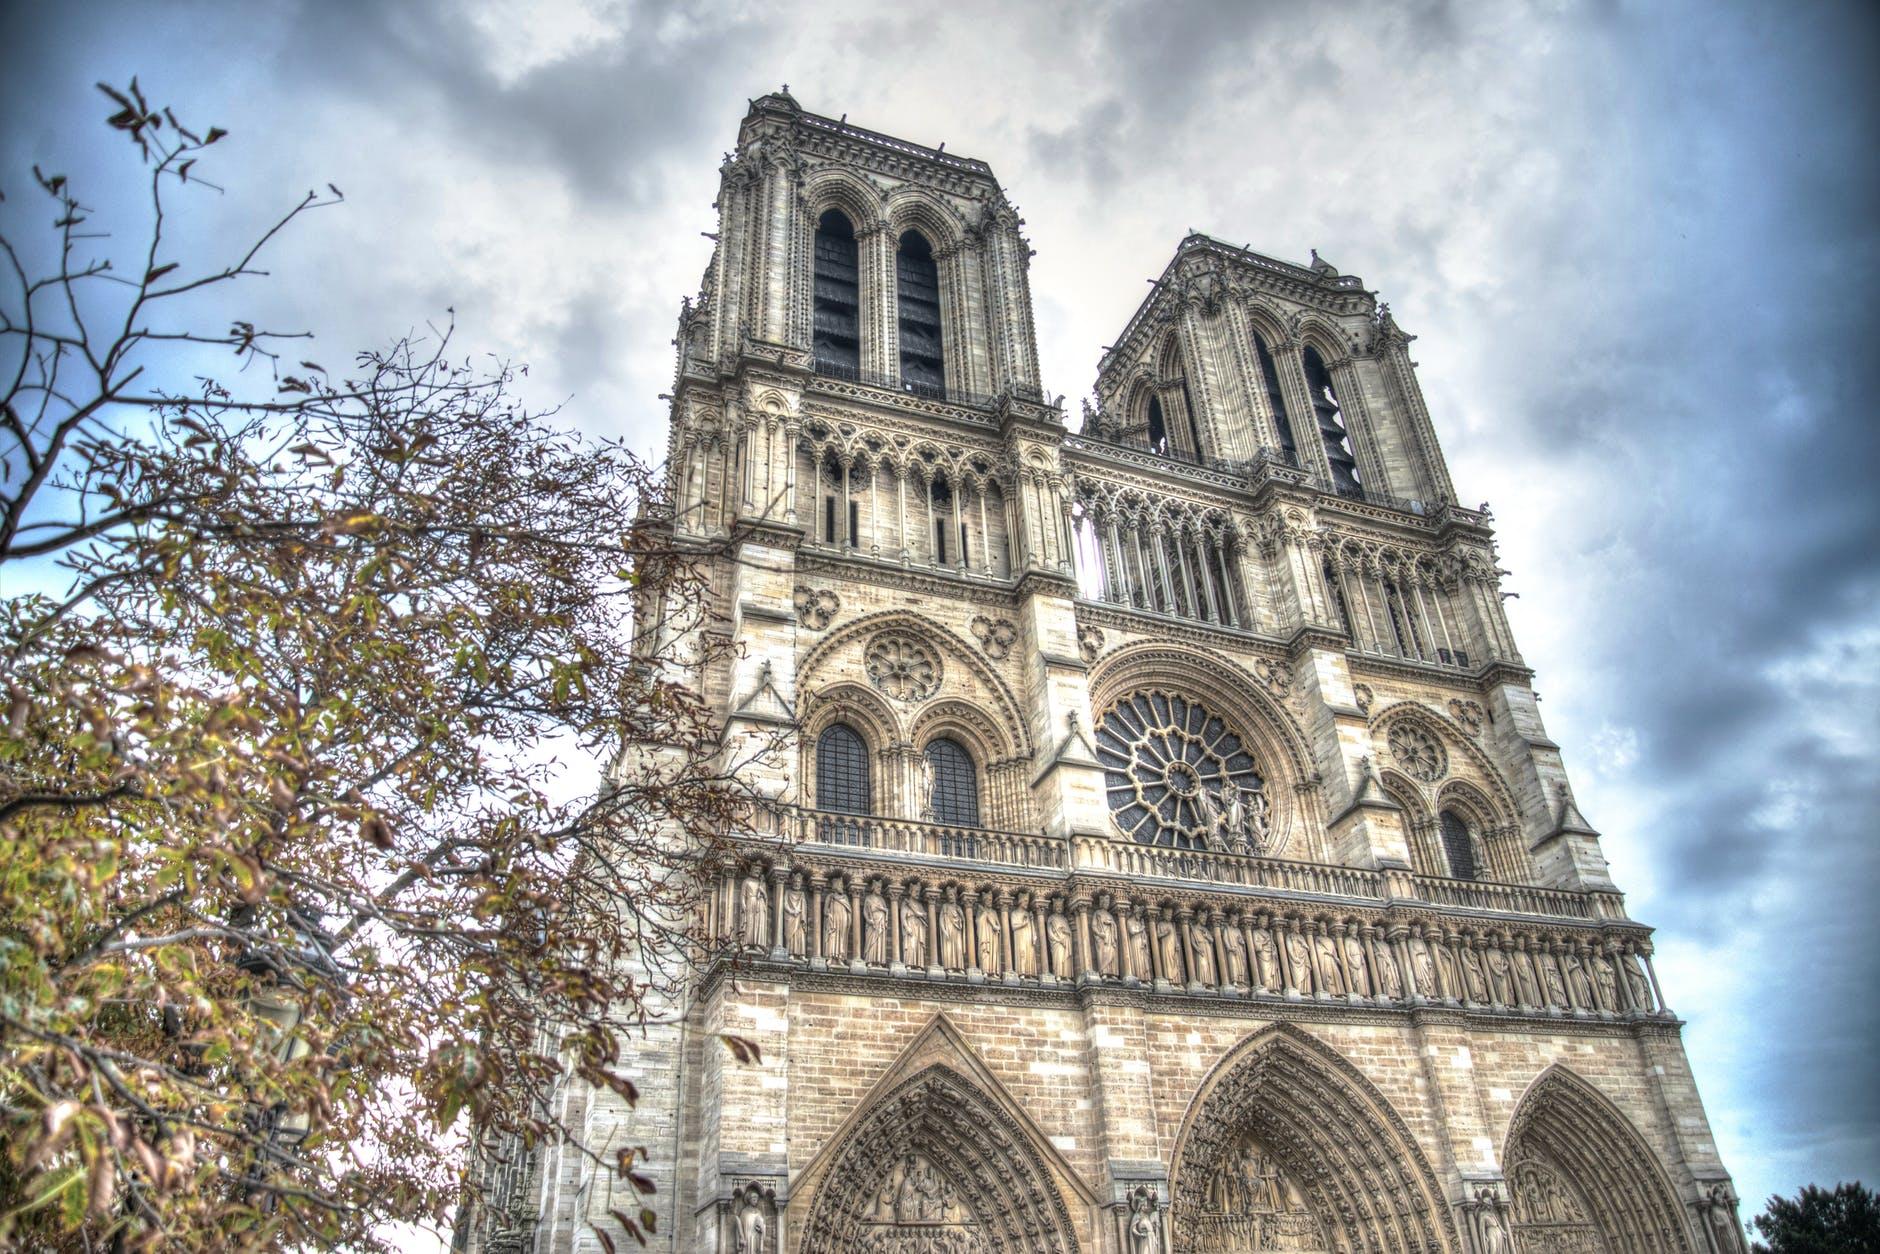 notre-dame-paris-france-615343.jpeg